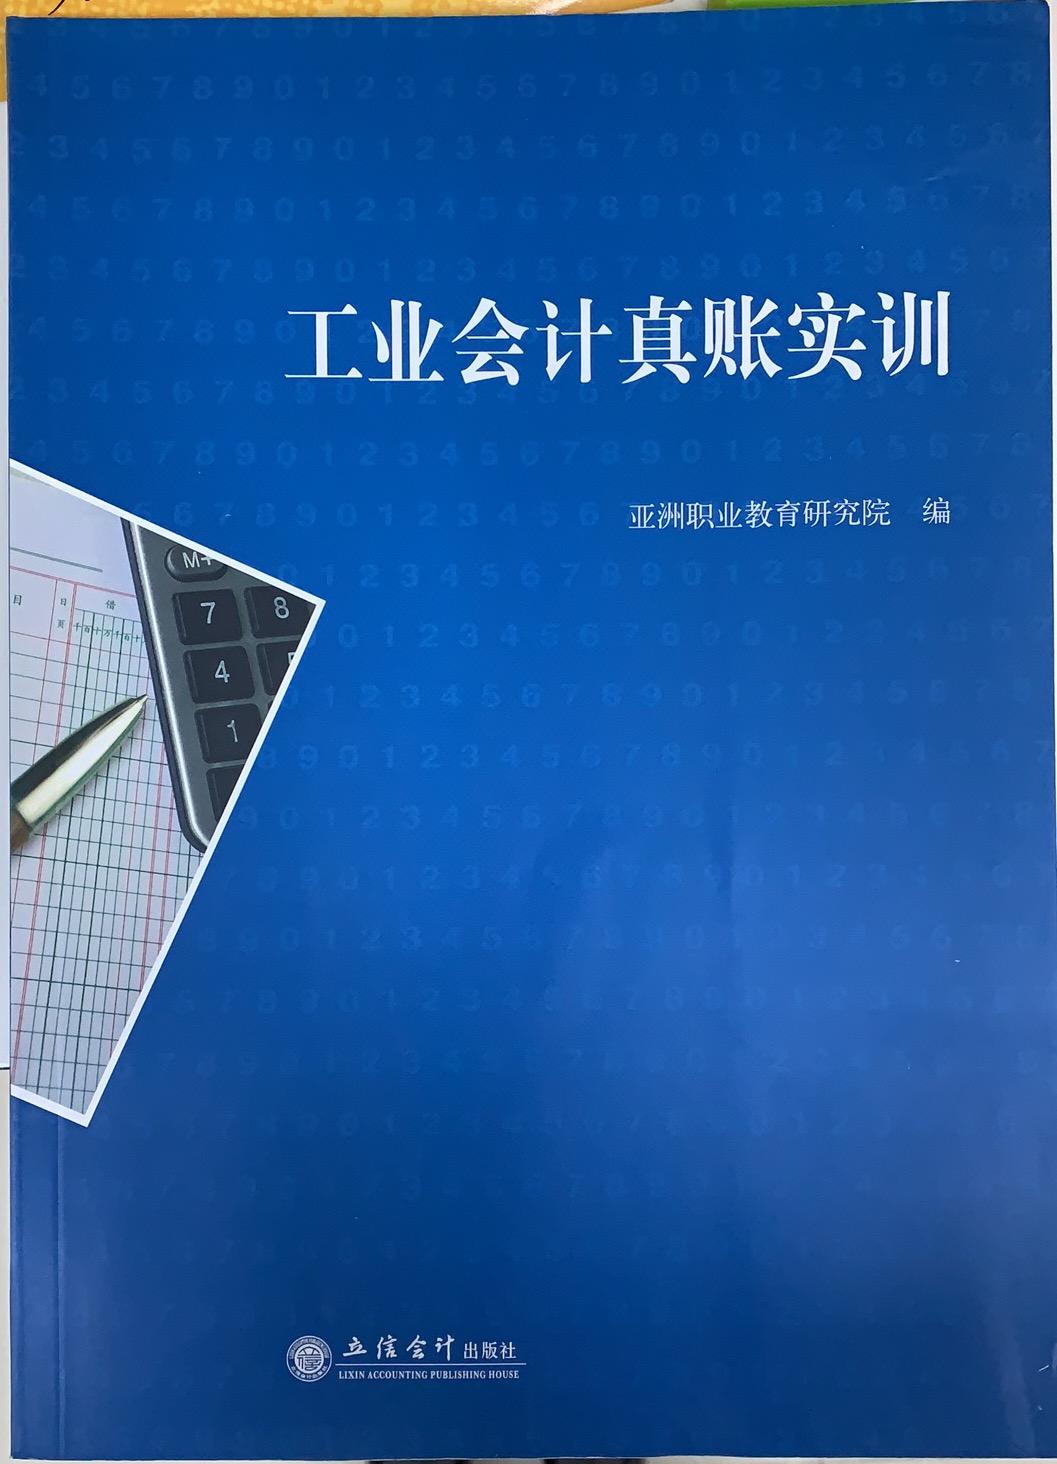 工业会计.jpg